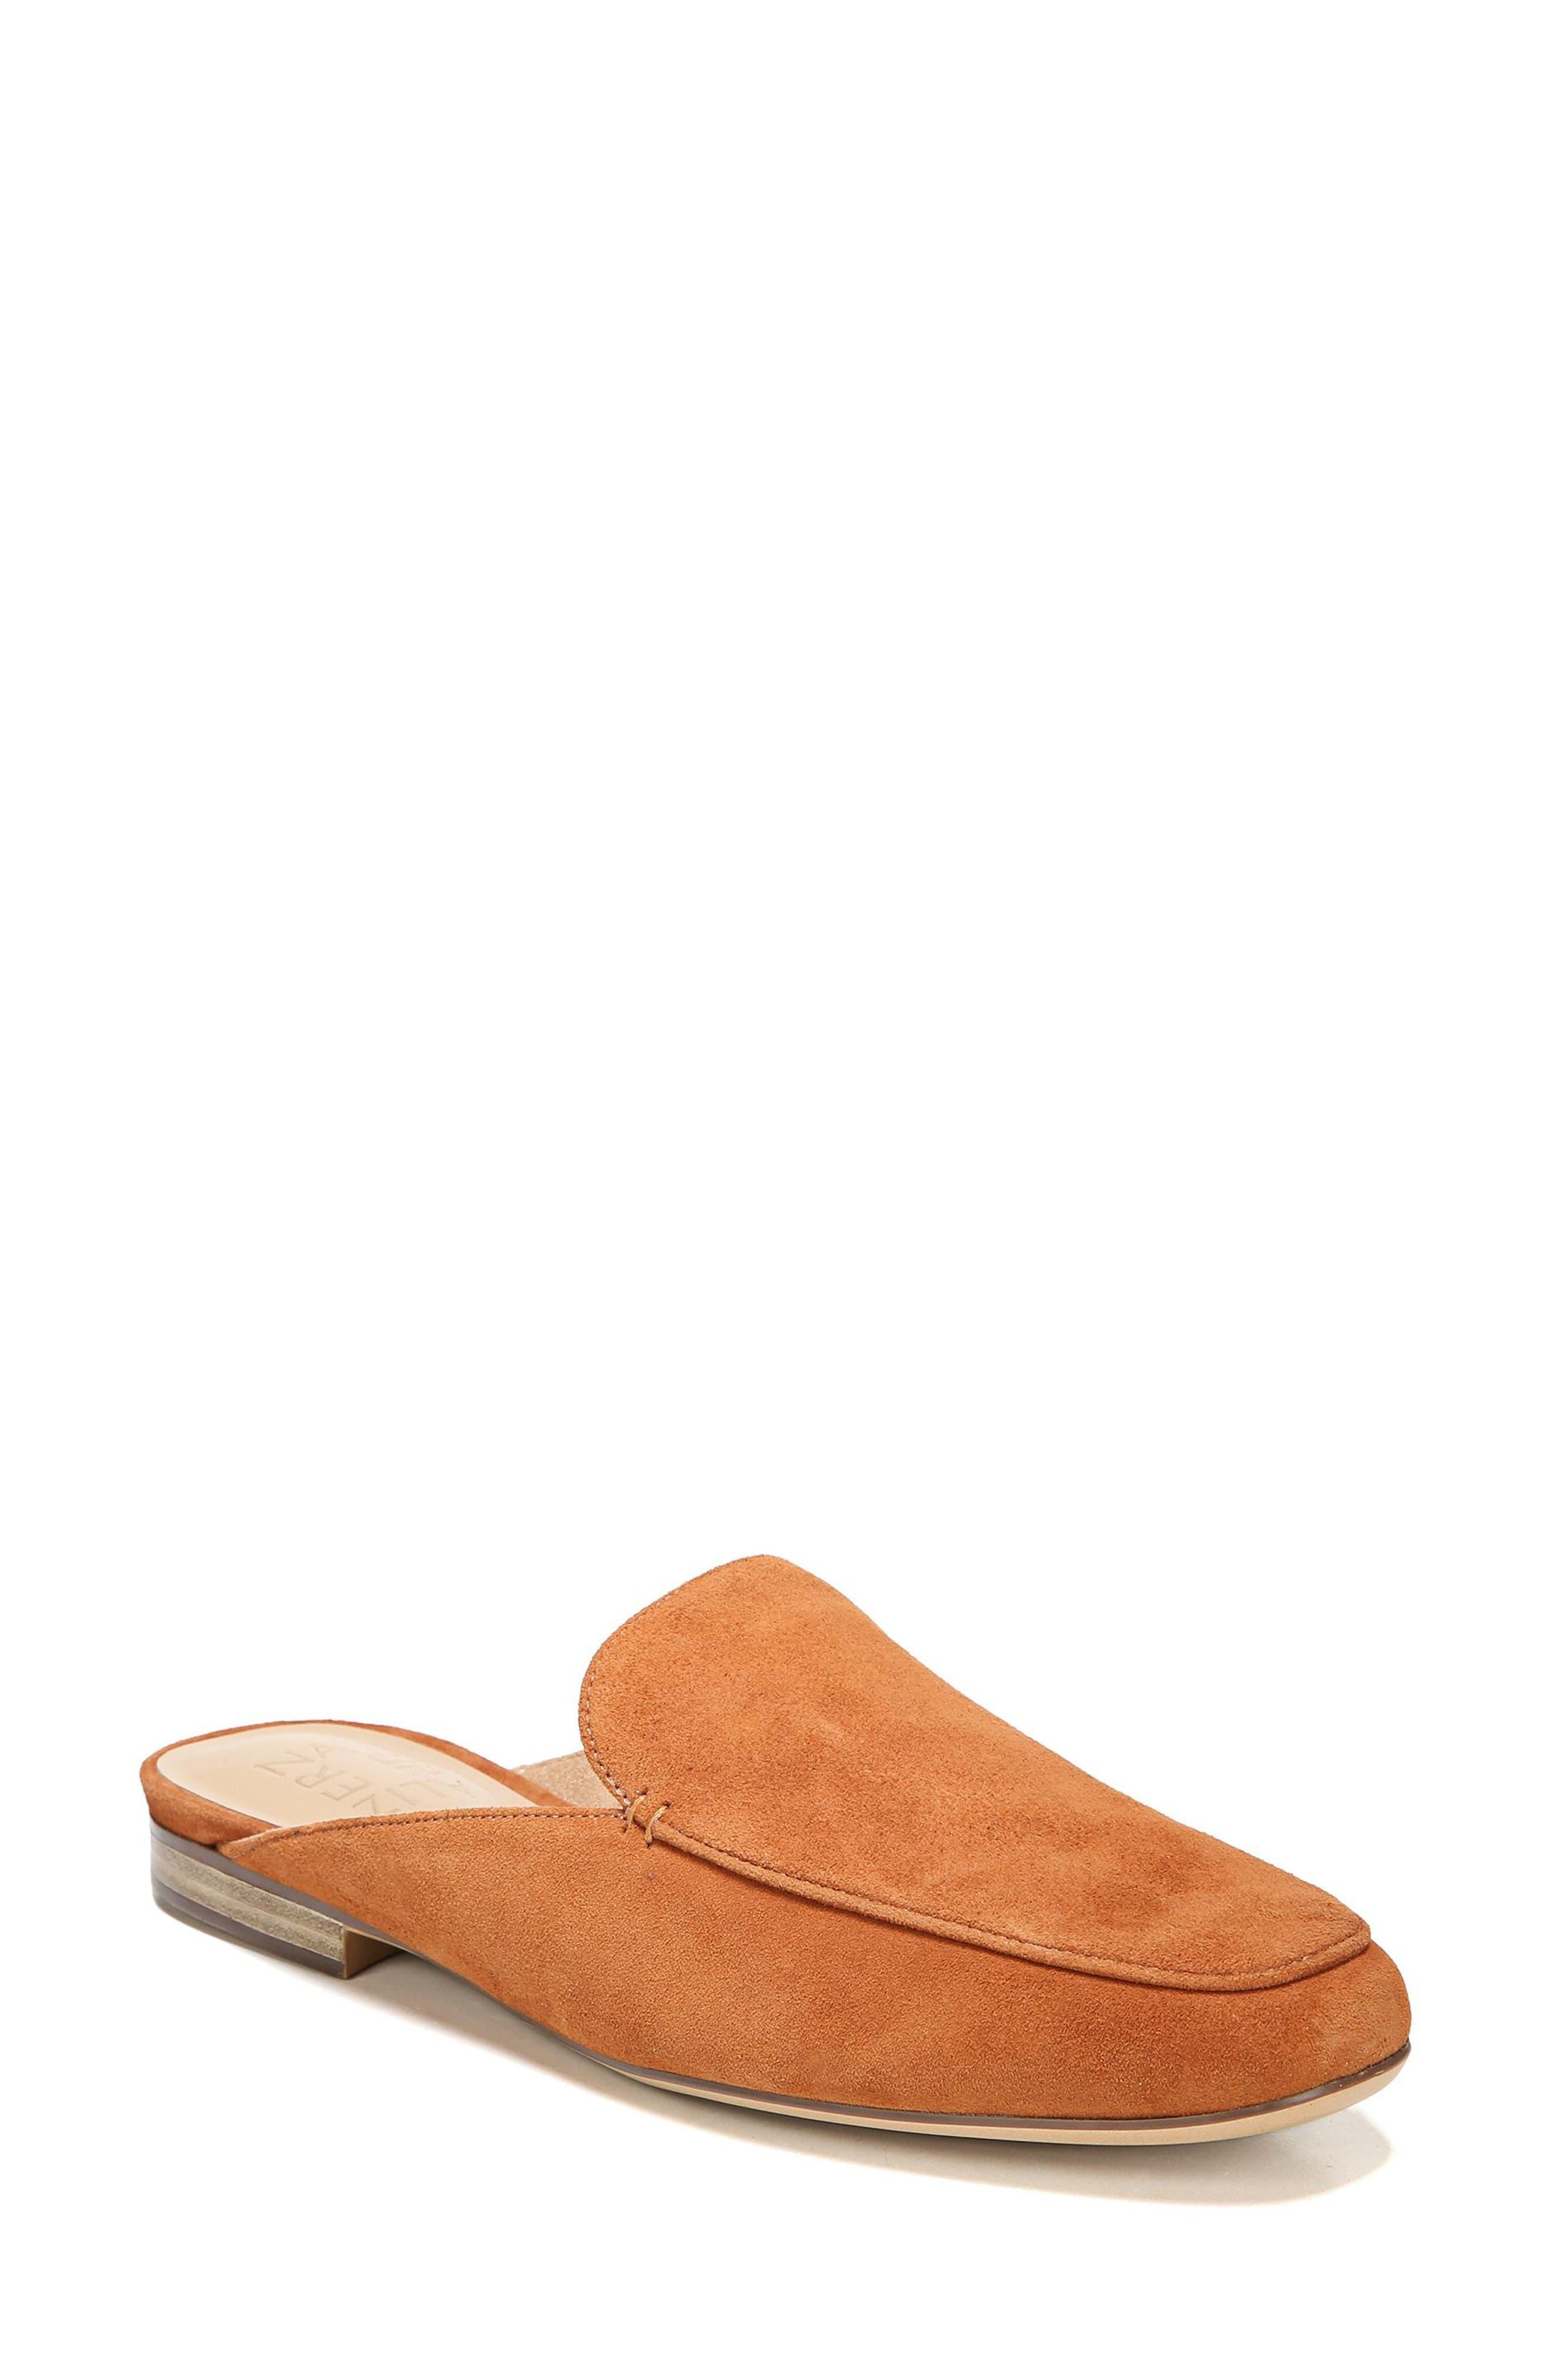 Eden Mule,                             Main thumbnail 1, color,                             Light Maple Leather